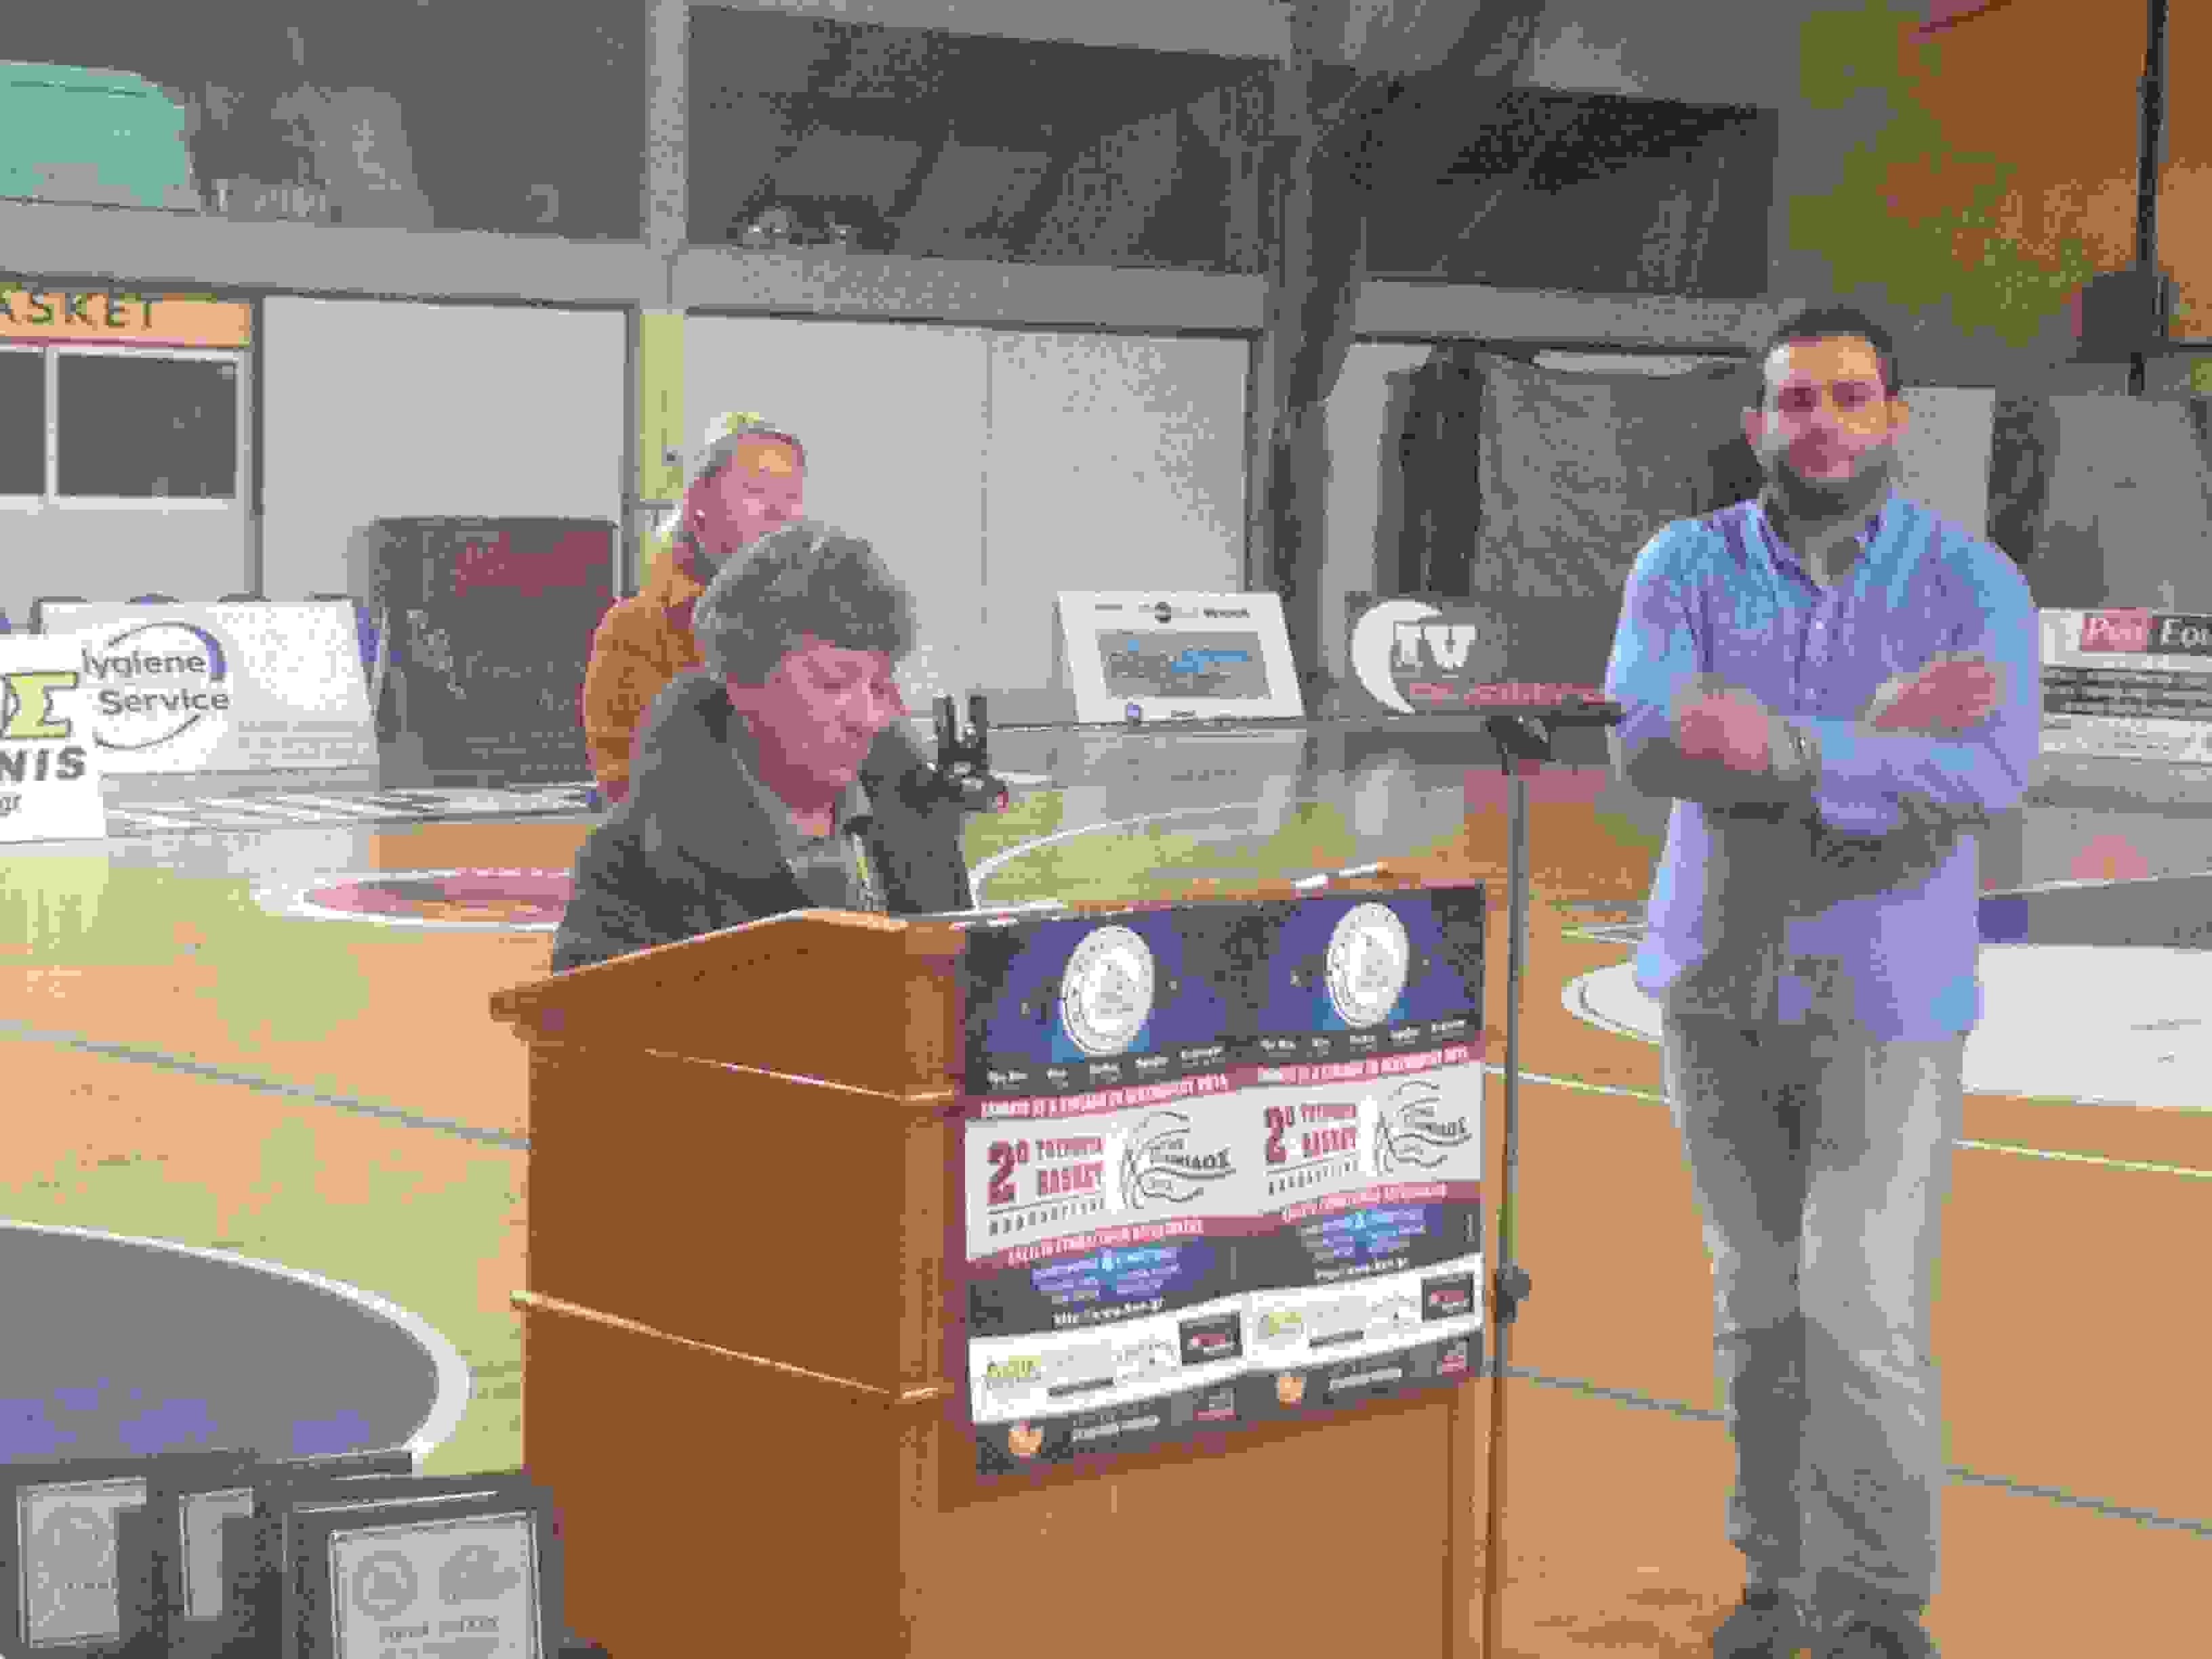 ΣΥΓΚΙΝΗΤΙΚΟ ΦΙΝΑΛΕ ΣΤΟ ΤΟΥΡΝΟΥΑ ΜΠΑΣΚΕΤ ΤΟΥ ΚΕΦΑΛΛΗΝΙΑΚΟΥ-ΜΠΡΑΒΟ ΓΙΑ ΤΗΝ ΔΙΟΡΓΑΝΩΣΗ (ΦΩΤΟ & ΒΙΝΤΕΟ)